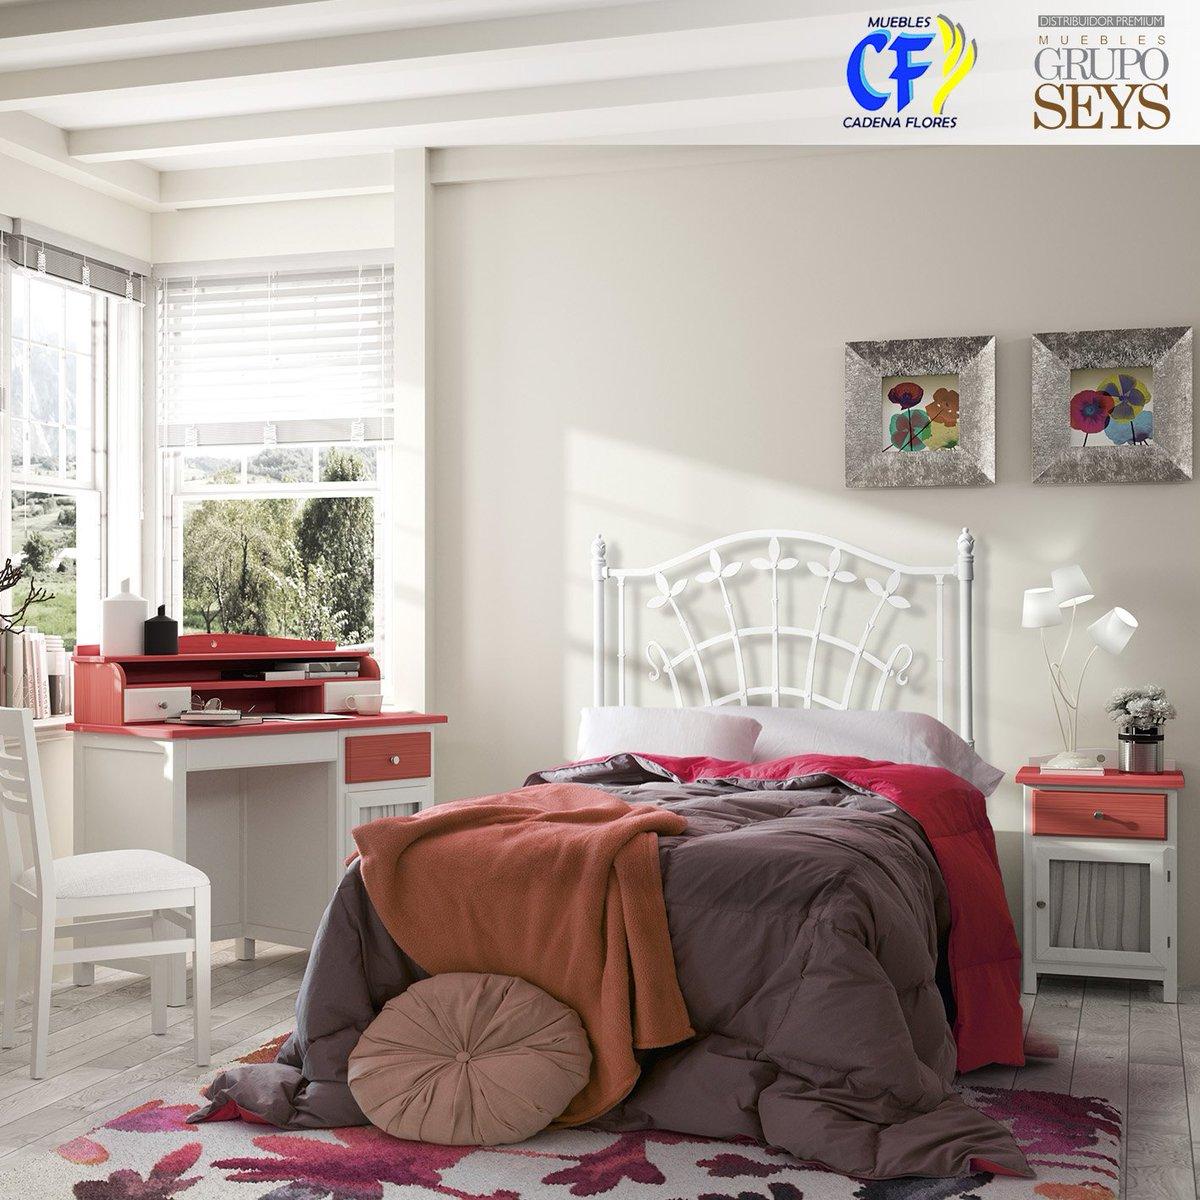 Muebles Grupo Seys On Twitter Felizlunes Comedor Basilea Y  # Muebles Cadena Flores